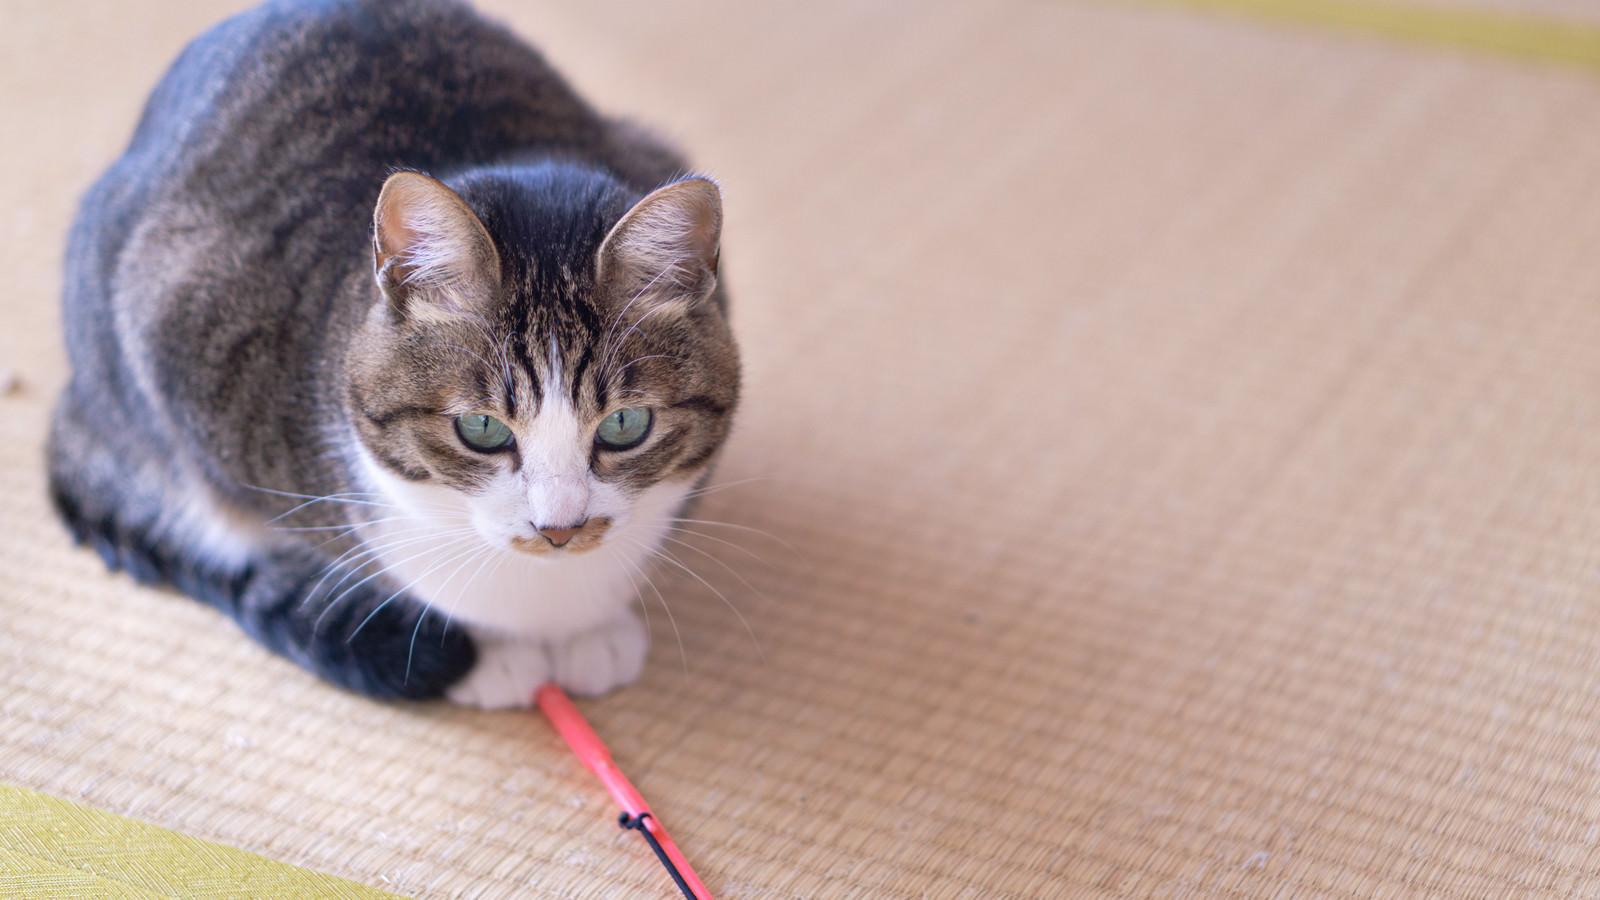 「猫じゃらしにロックオンした猫」の写真